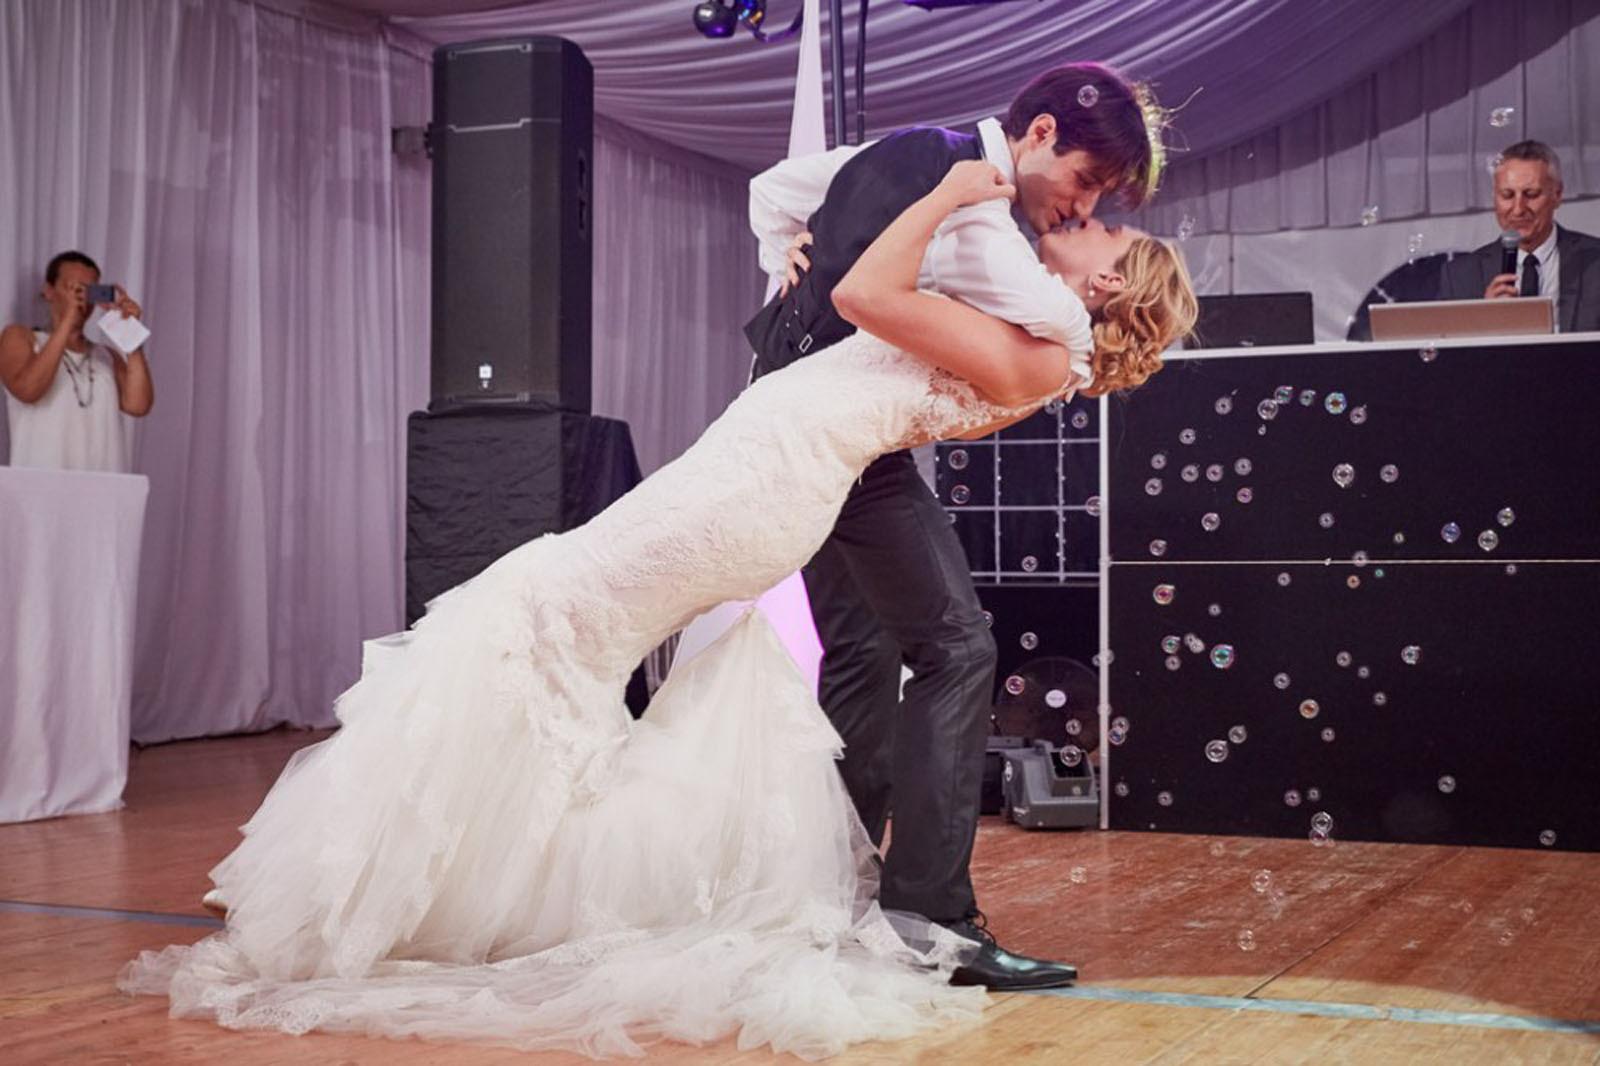 Baiser des mariés pour l'ouverture de bal La Dolce Vita Organisation de Mariages Toulouse.jpg